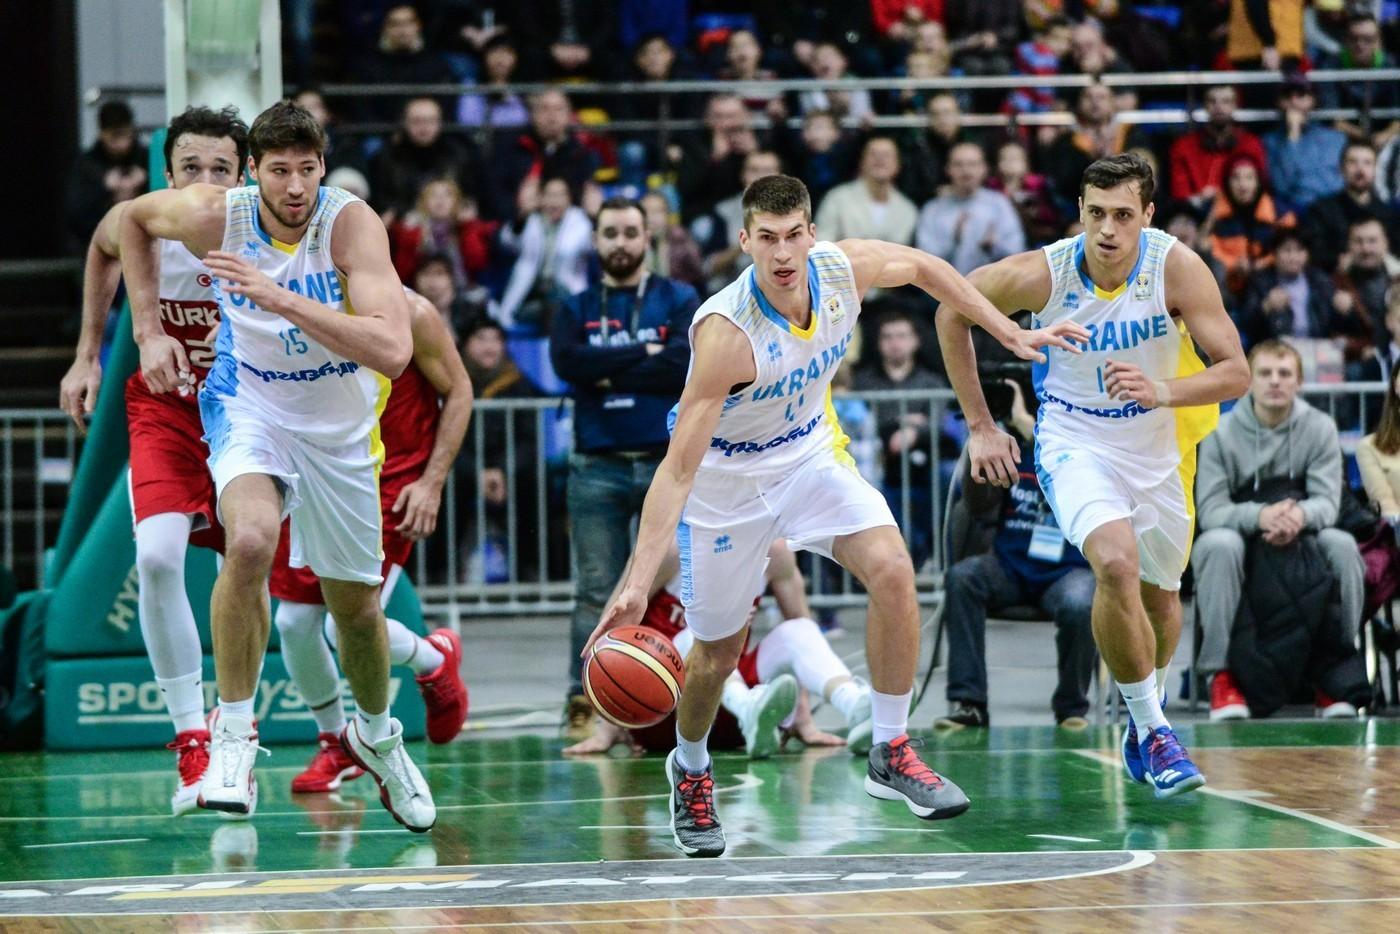 Дві гри, одна перемога: статистичні підсумки перших матчів відбору на Кубок світу для України